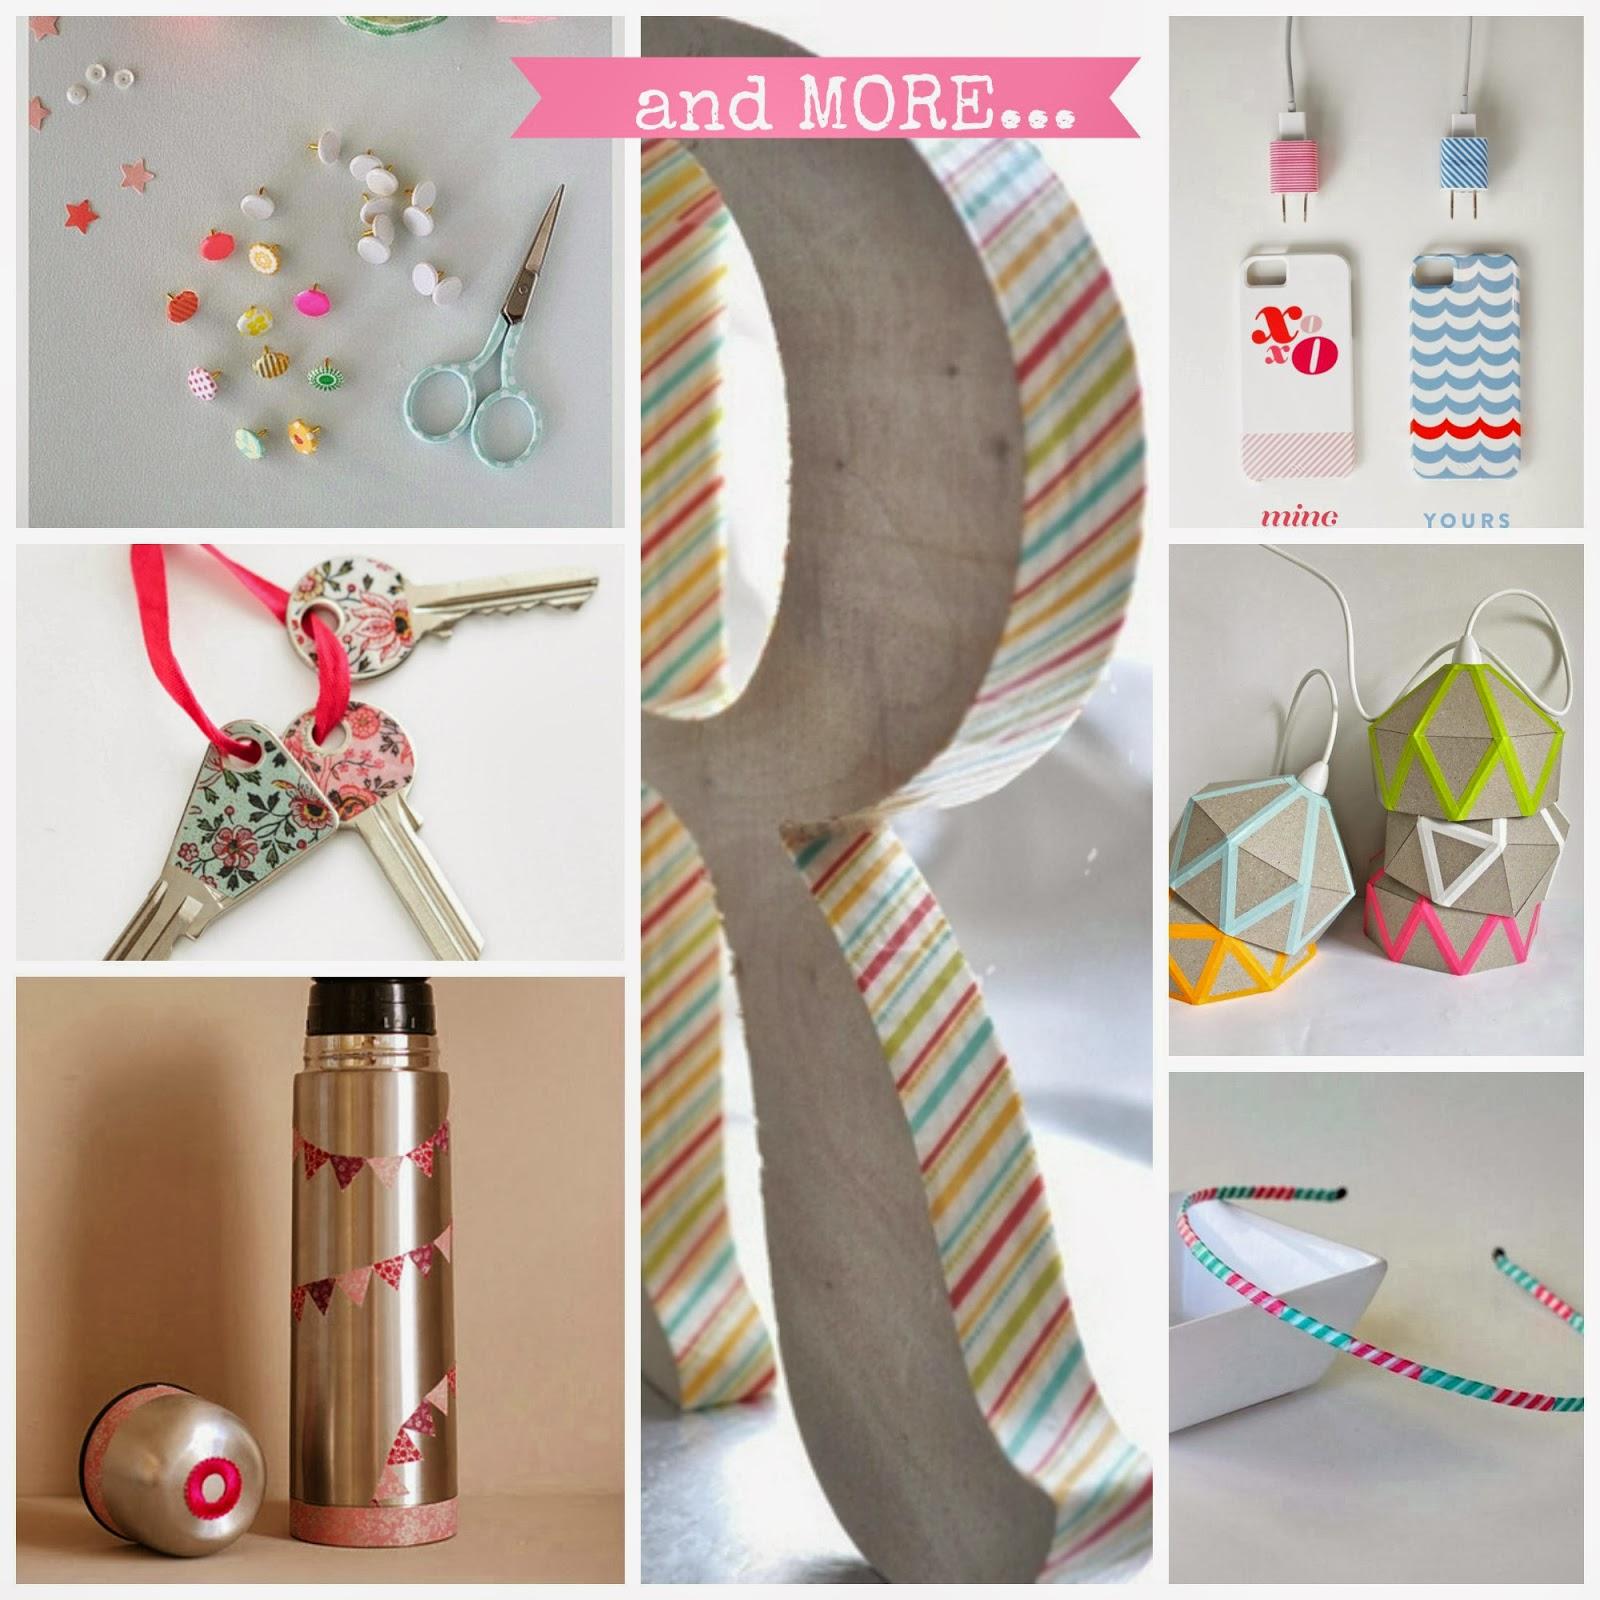 Washi tape ideas pinterest - Washi tape ideas ...